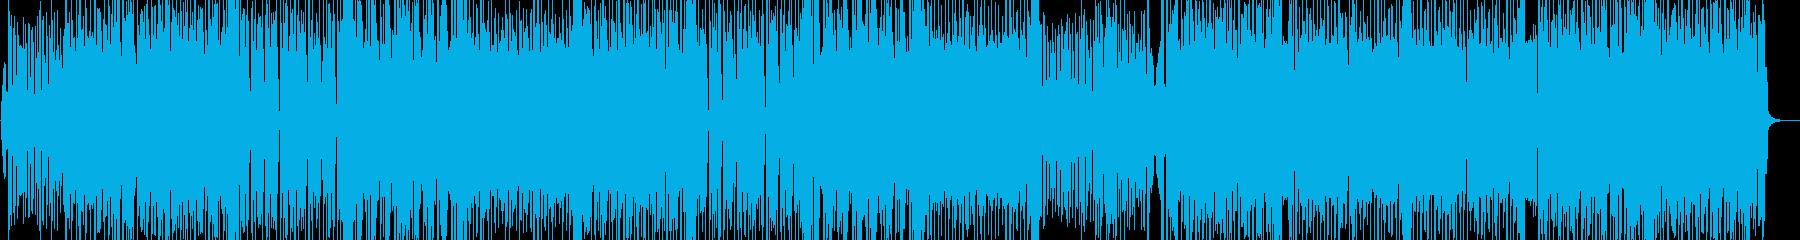 前向きなダンスアップチューンの再生済みの波形